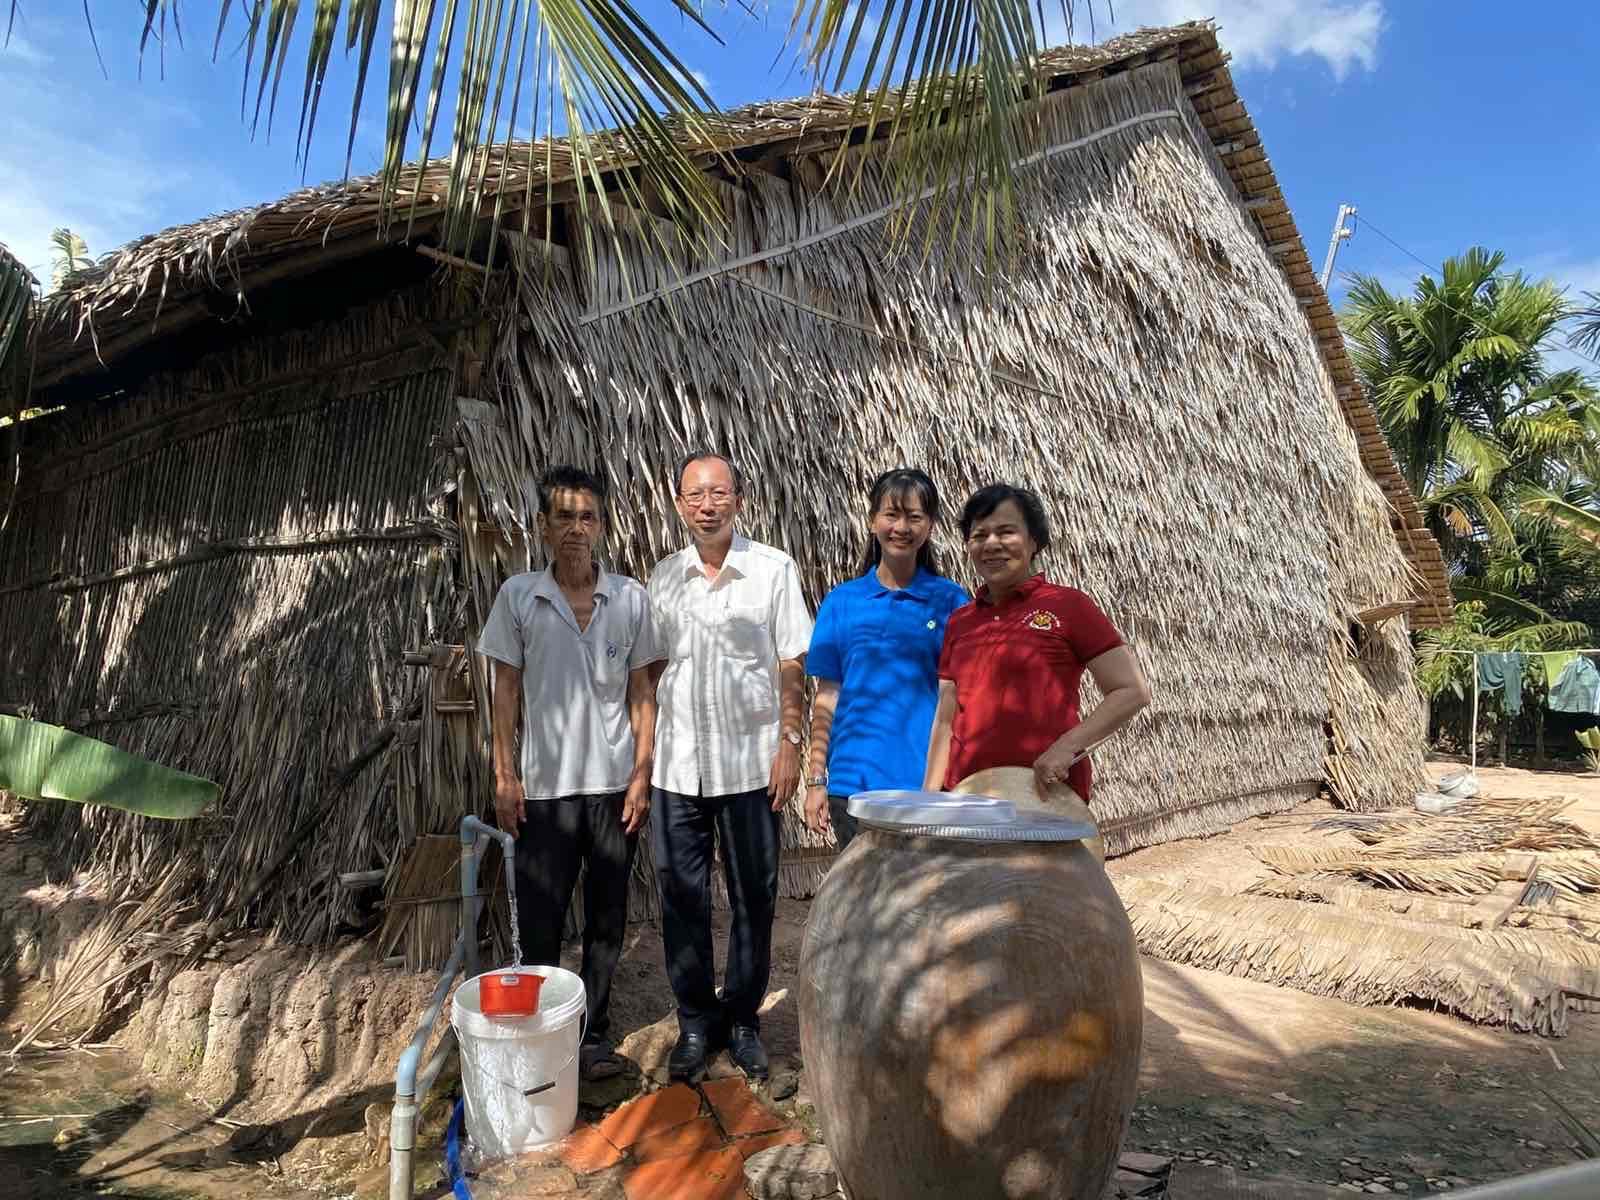 Lễ trao tặng 200 giếng nước sinh hoạt đến các hộ dân huyện Cù Lao Dung. Ảnh do Công ty Novaland cung cấp